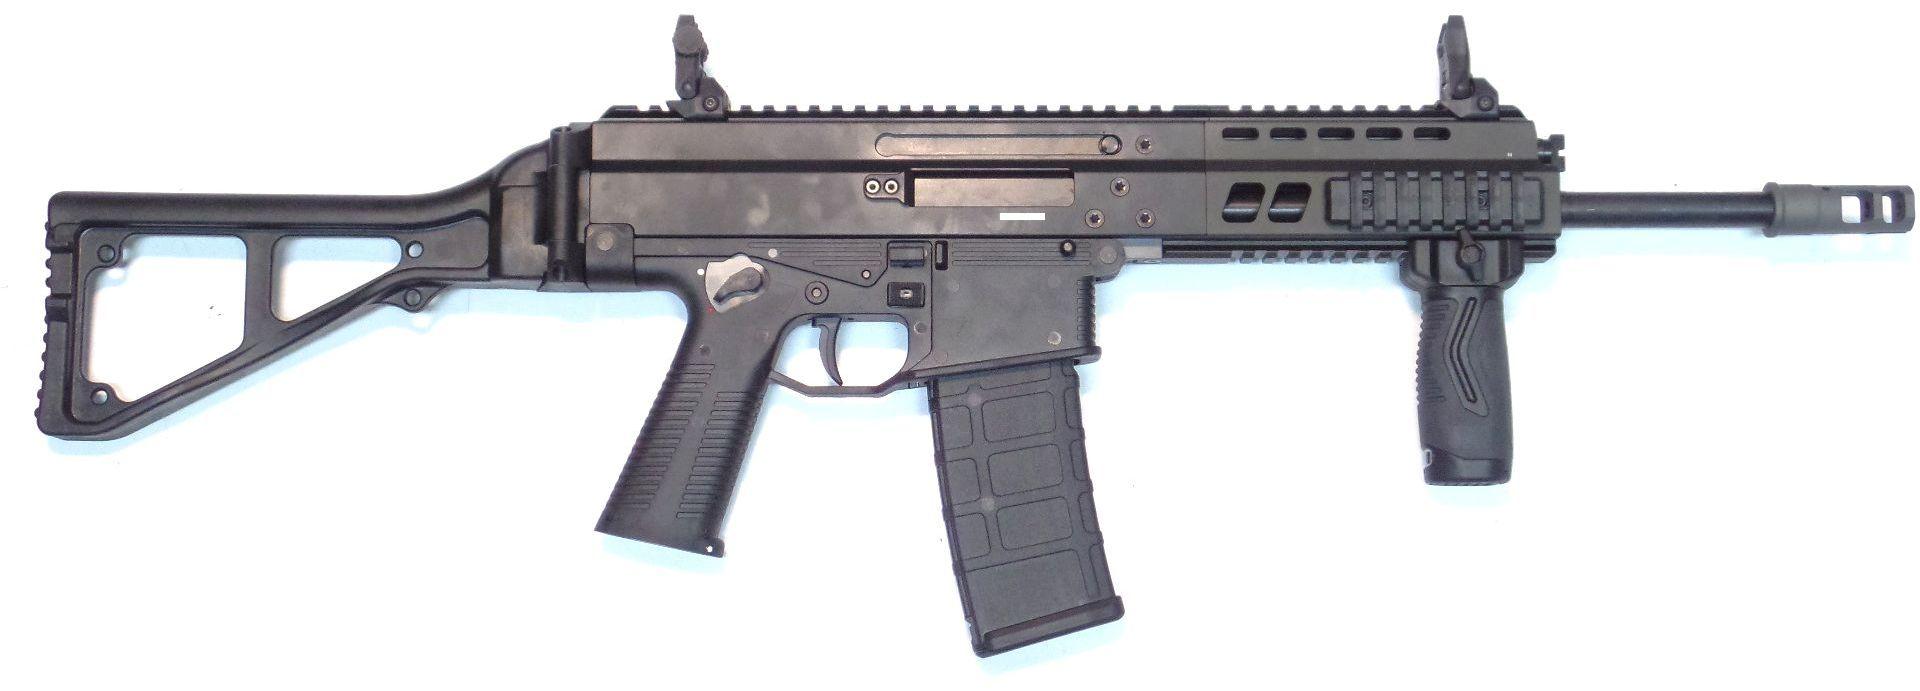 Brugger & Thomet - APC 223 calibre 5.56x45